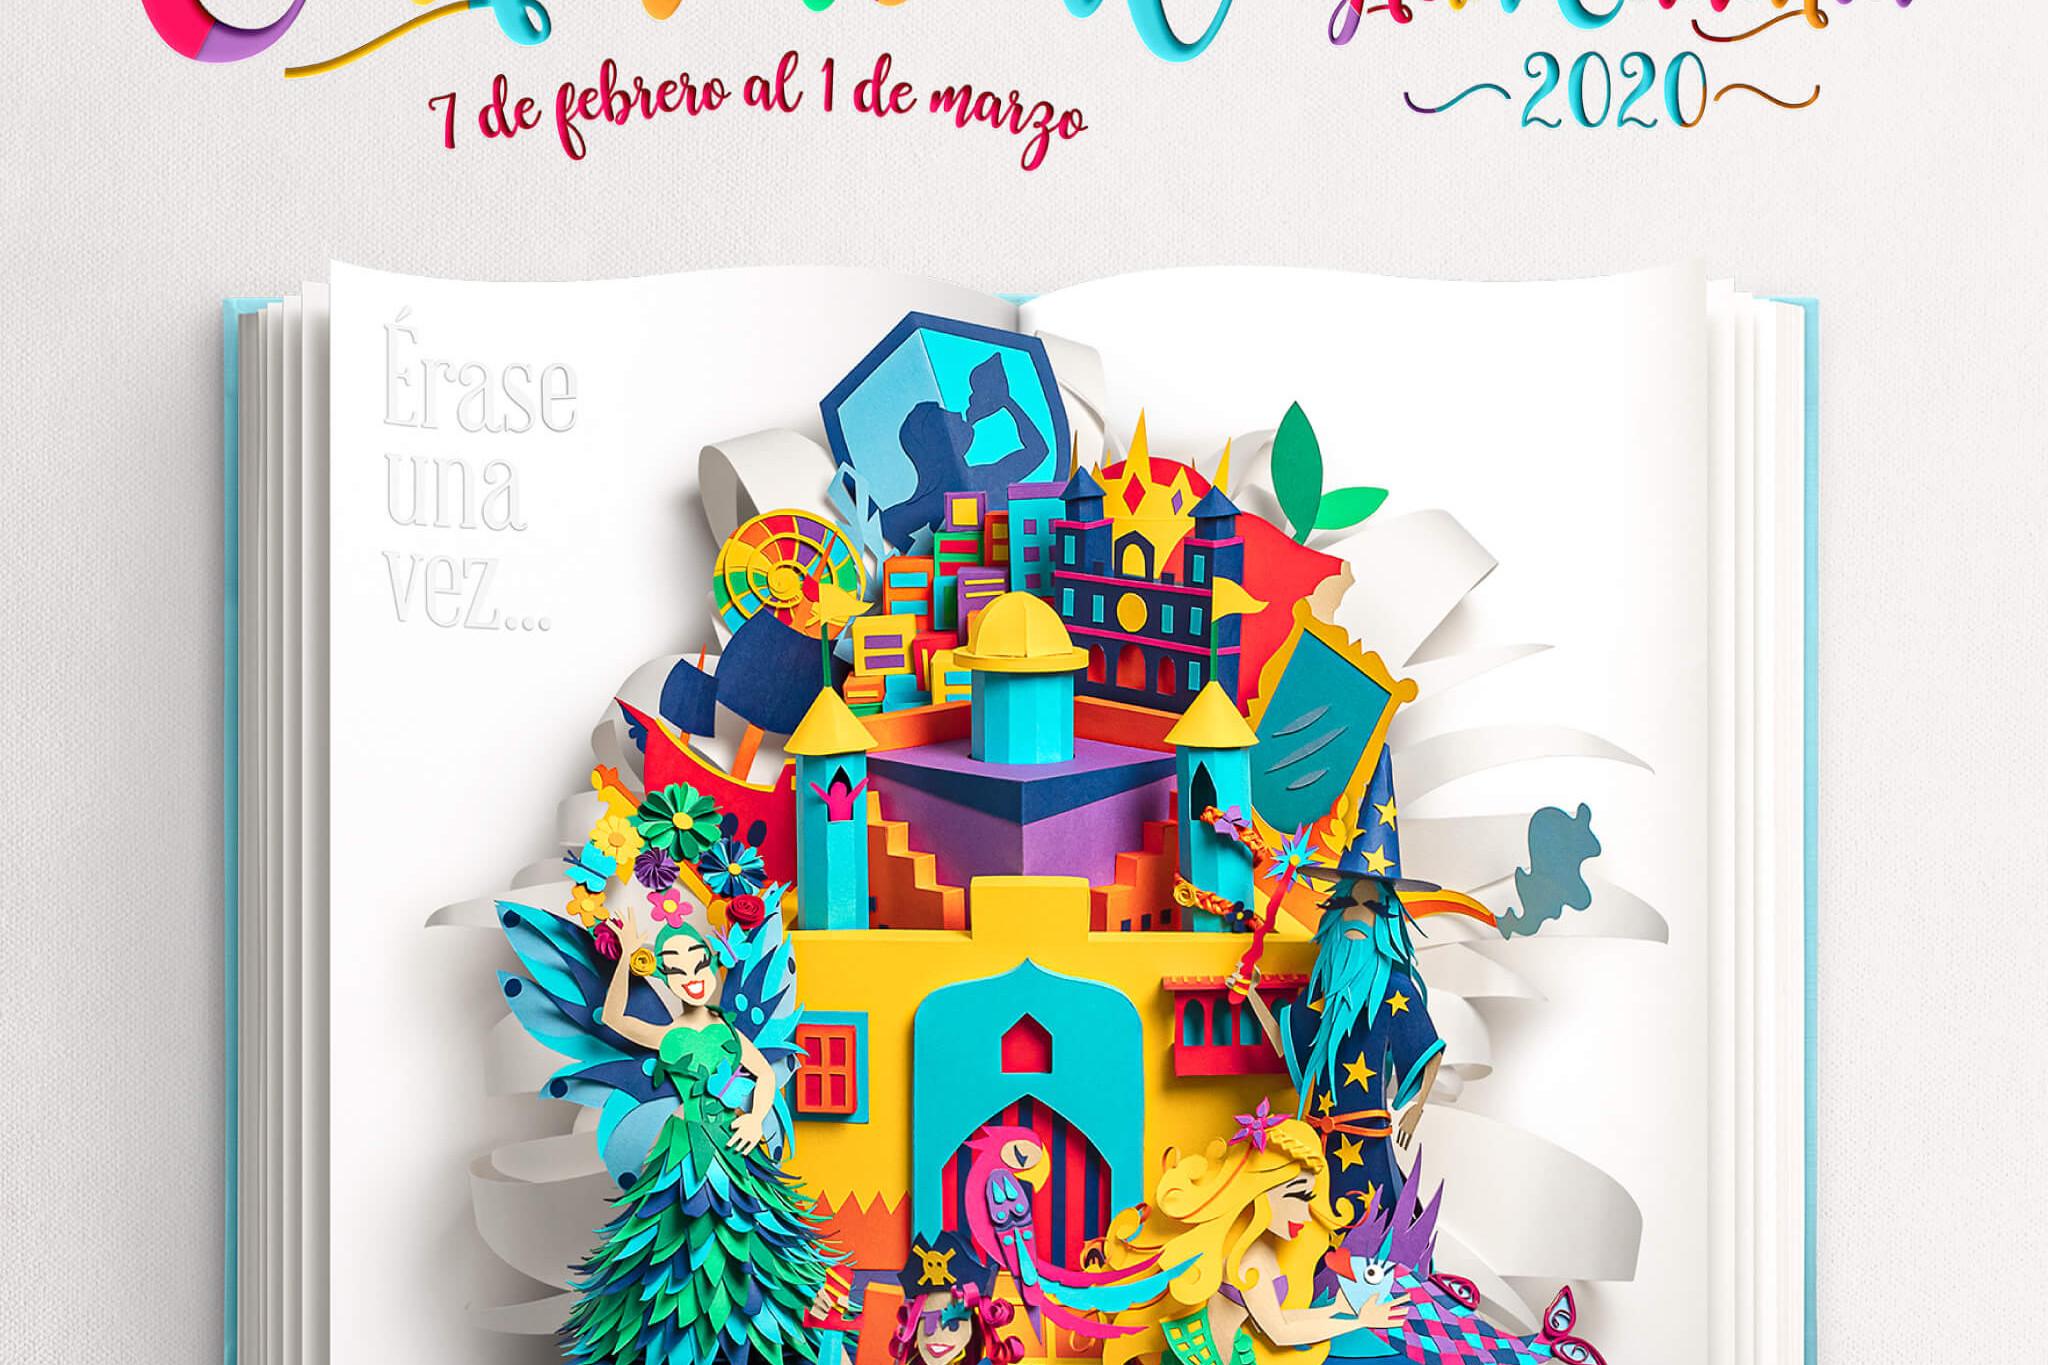 Si los peces hablaran... estará en el Carnaval de Las Palmas 2020 para presentar su cuento. Por el momento publica el cartel del carnaval, que es un libro abriéndose con ERASE UNA VEZ y de él emergen diferentes personajes: merlín, una sirena, un pirata y una rumbera.